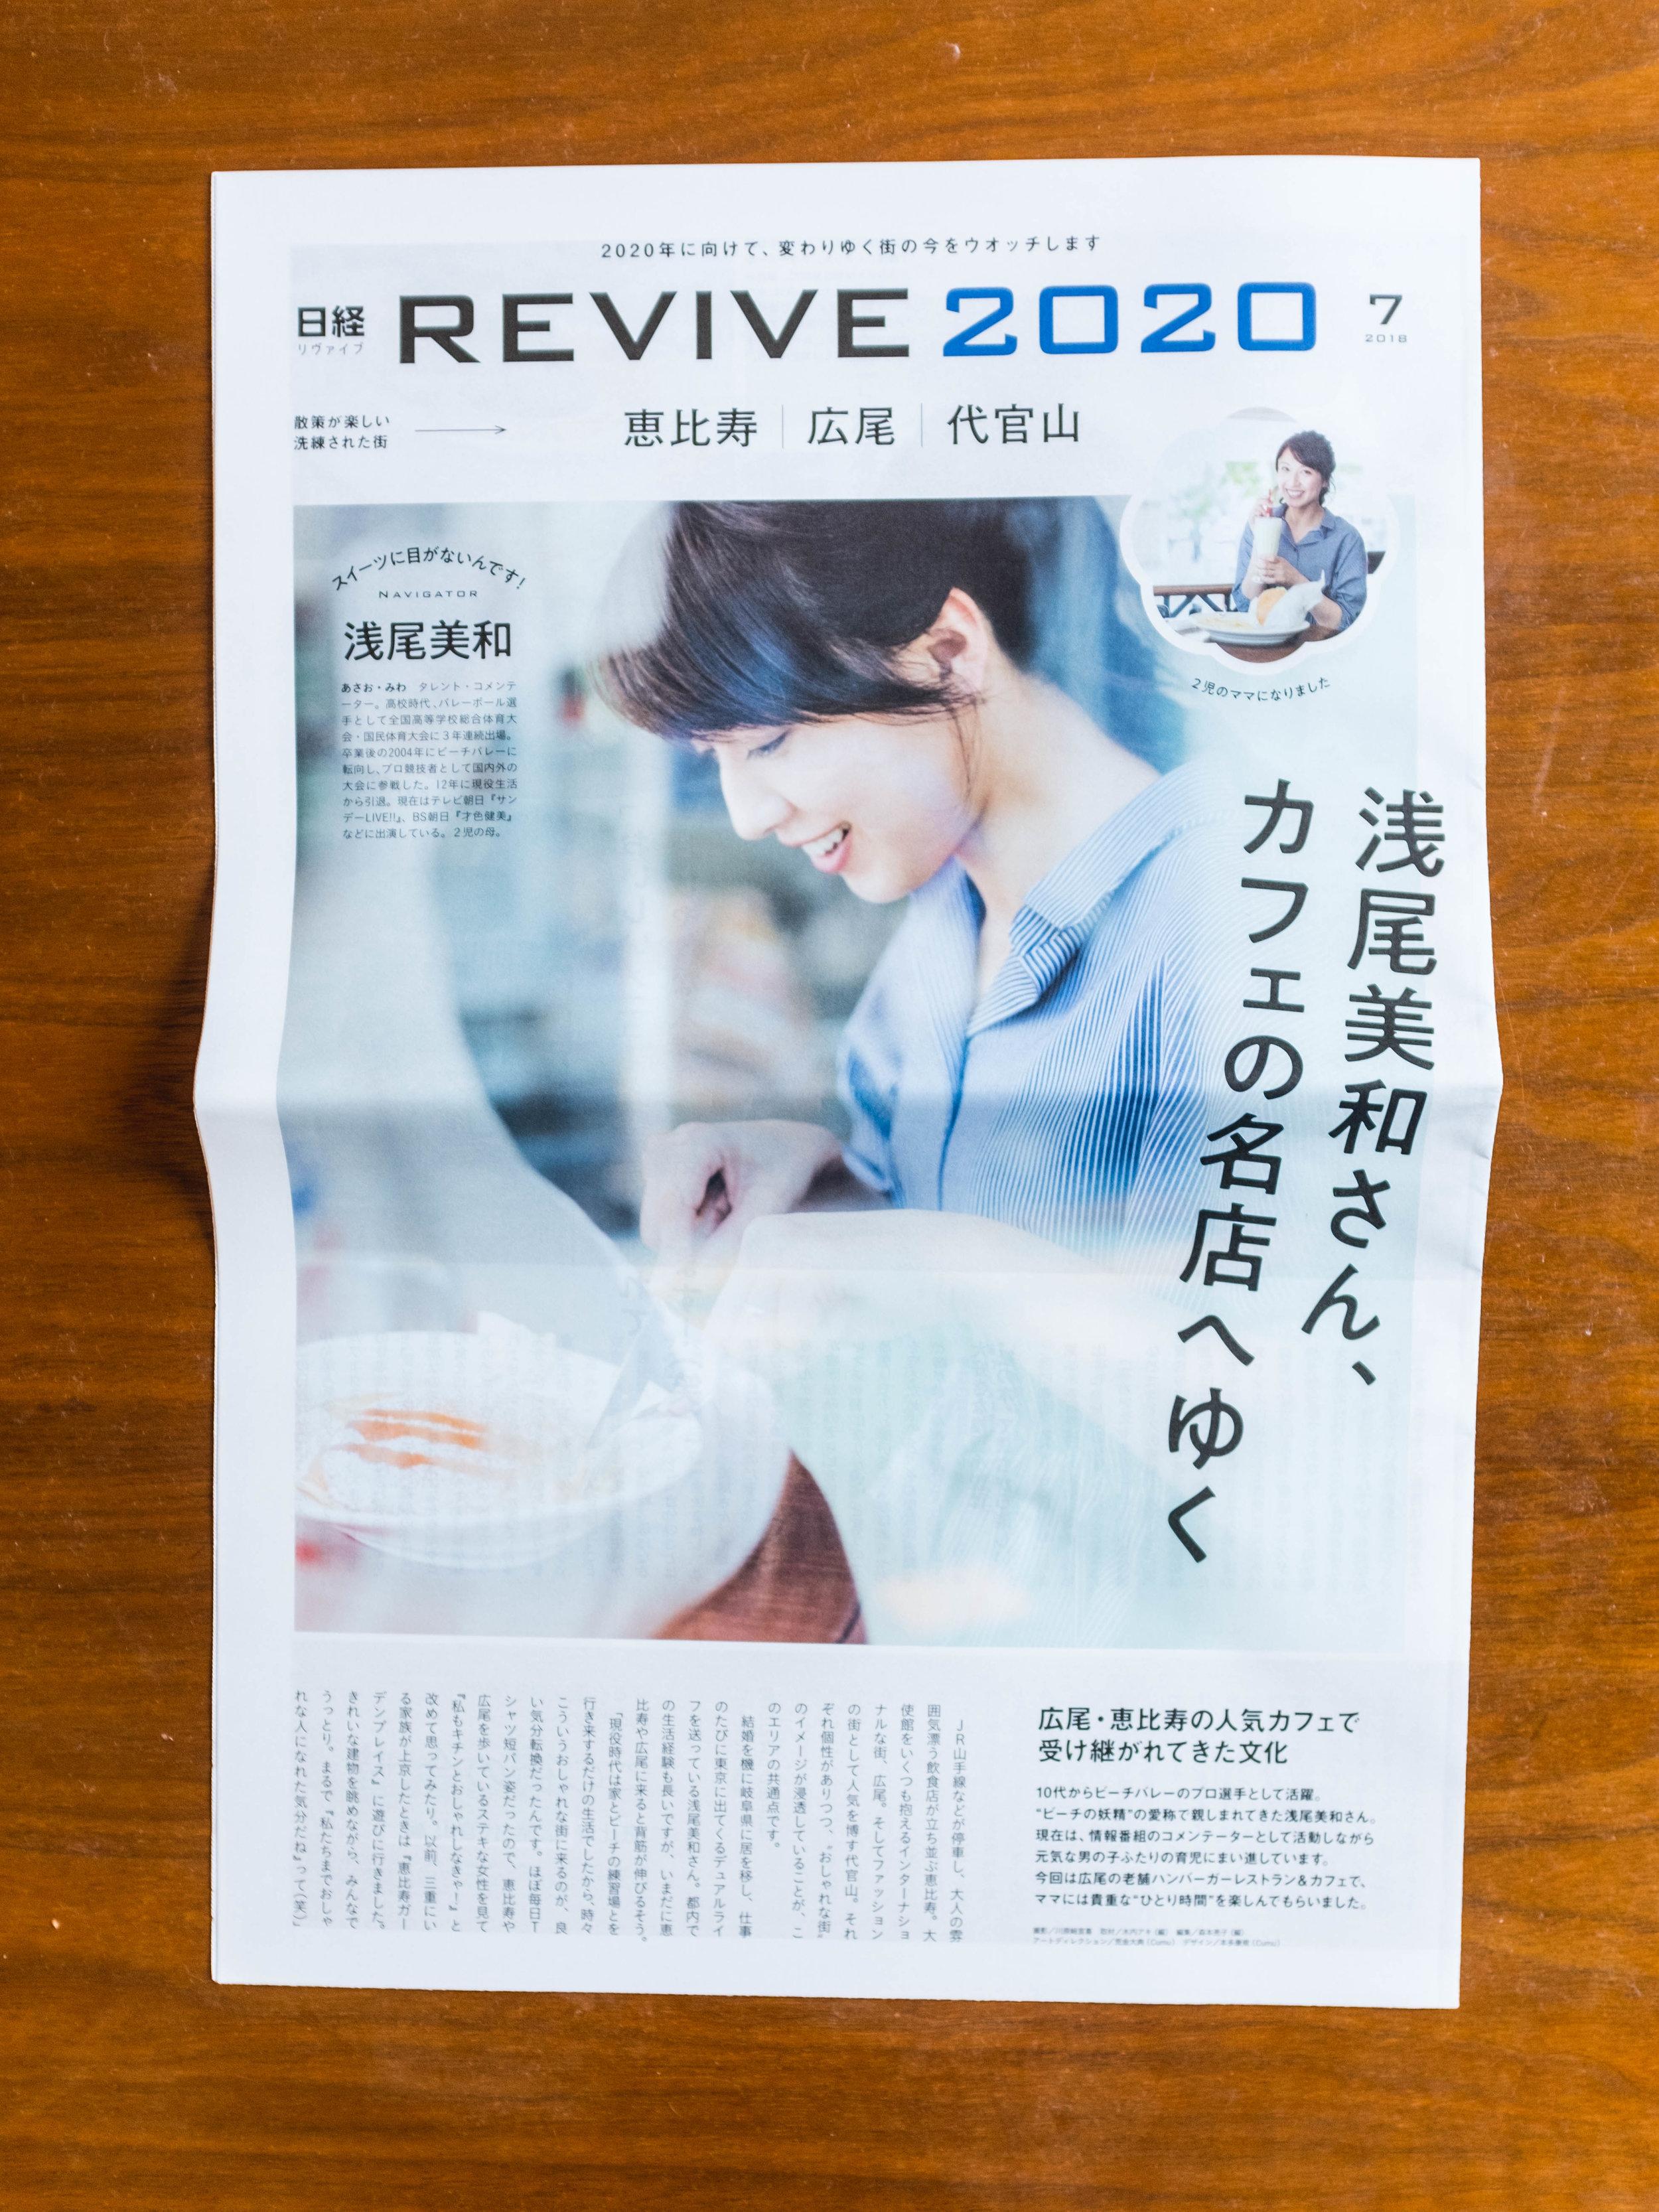 日経REVIVE2020,7月号にて表紙浅尾美和さん撮影させていただいております。